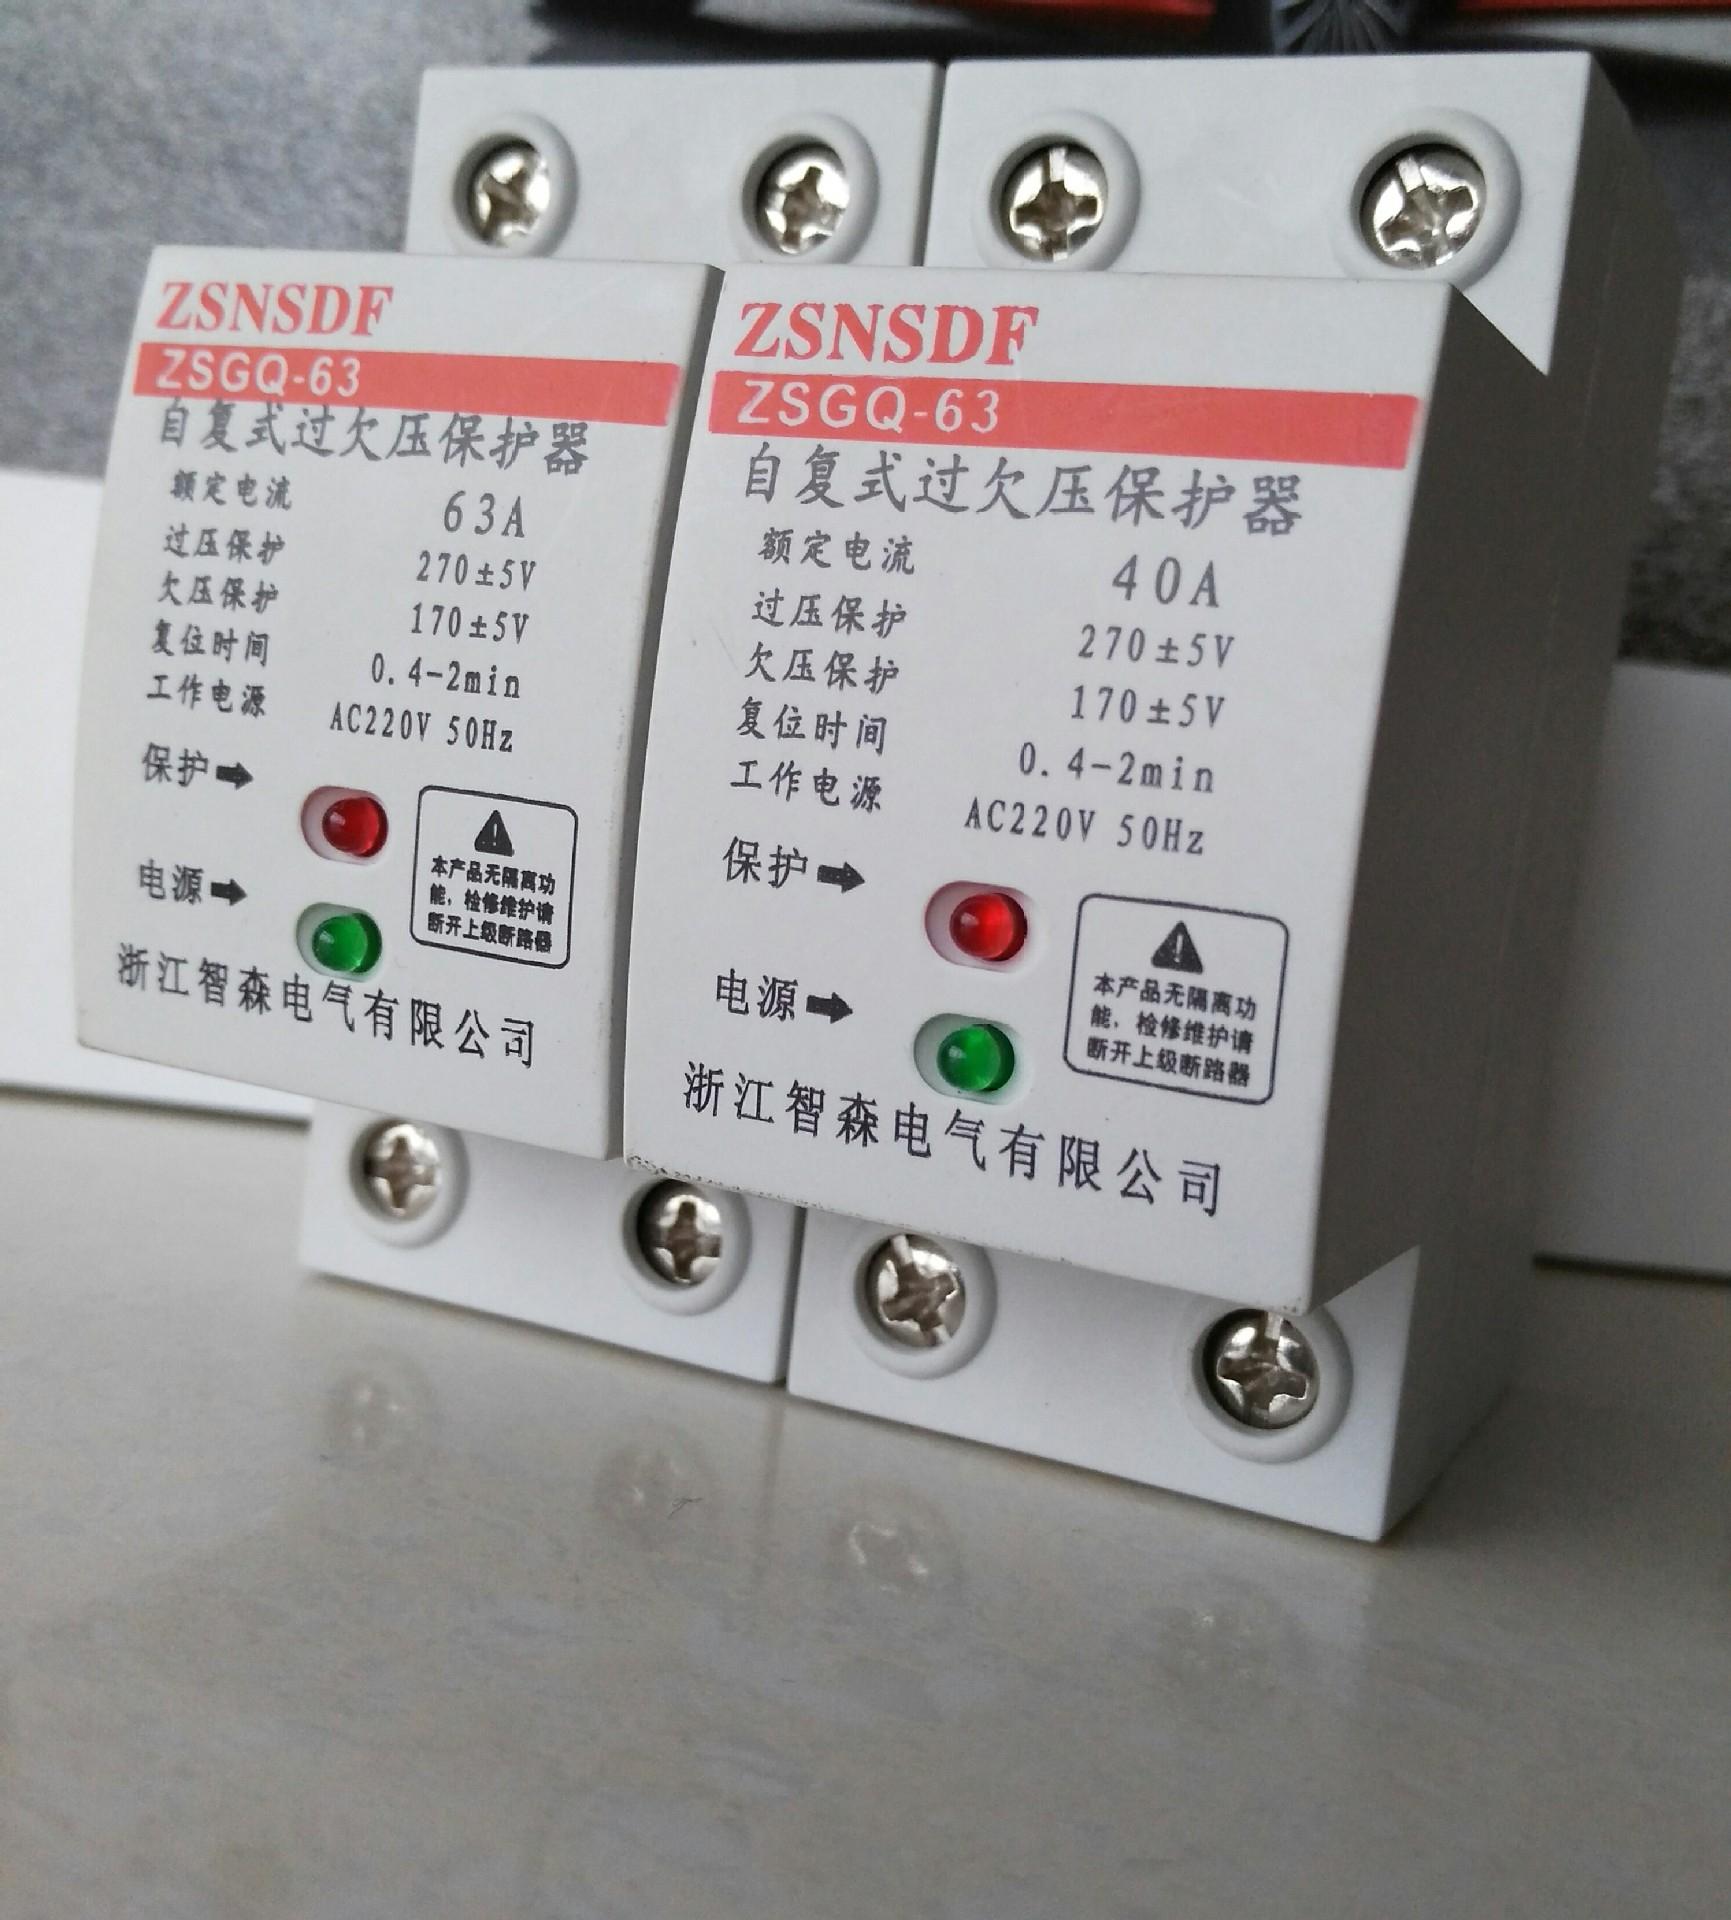 三相四线自复式过欠压保护器:宽 108mm宽 6主要技术参数: 1,工作电压